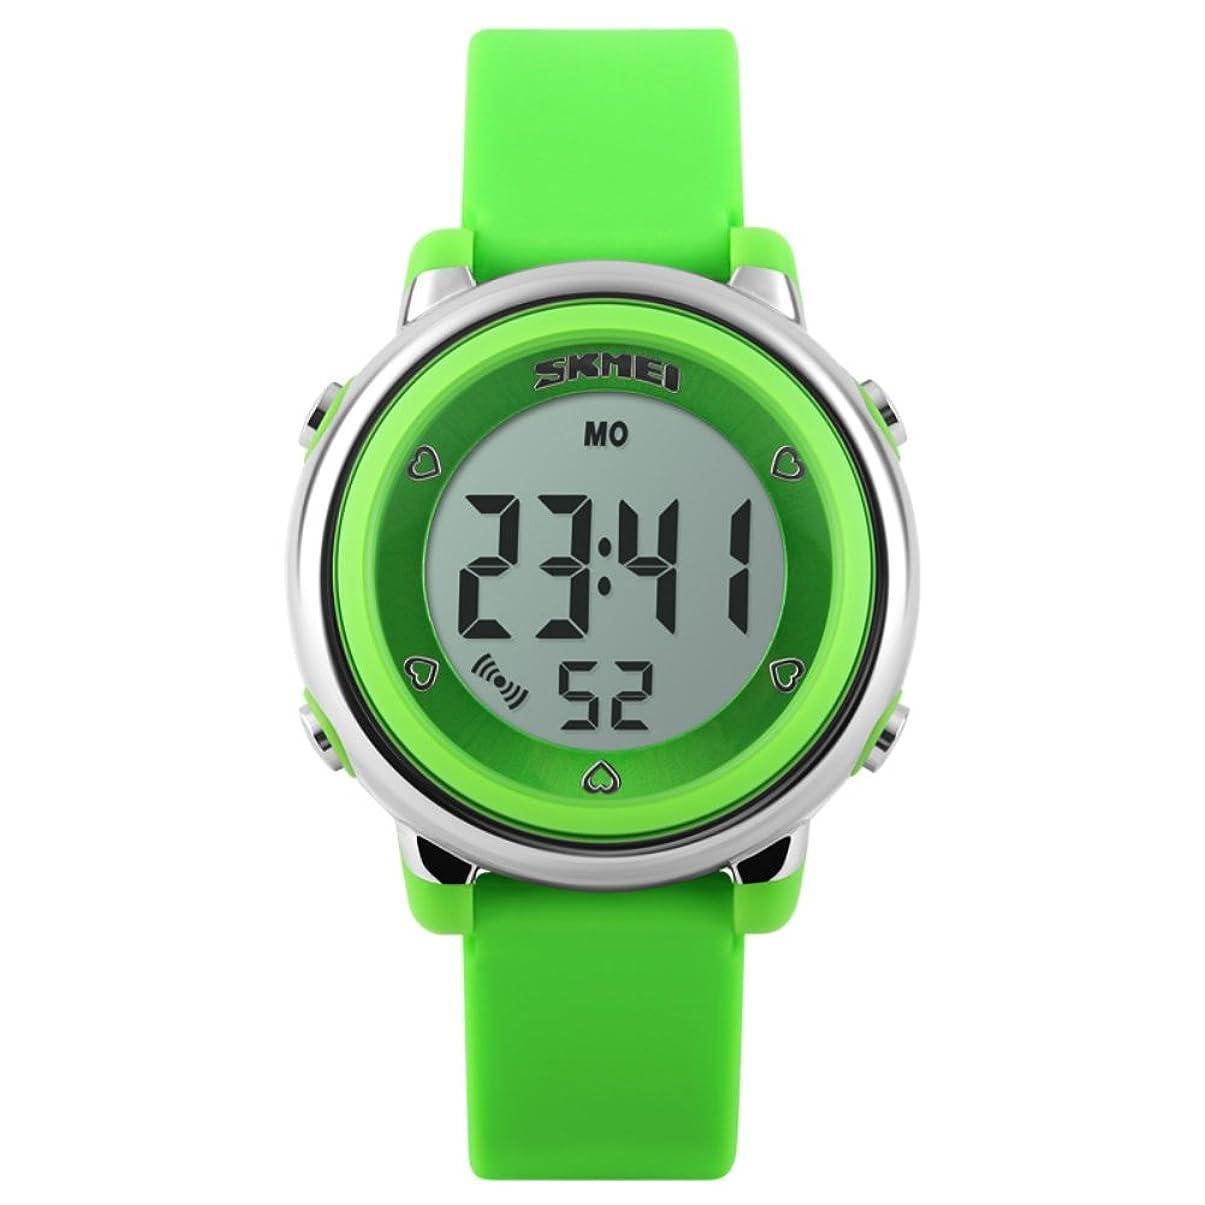 いじめっ子名目上のトンネルキッズ腕時計 防水 アラーム デジタル表示 七彩LEDバックライト カレンダー ボーイズ ガールズ ギフト グリーン